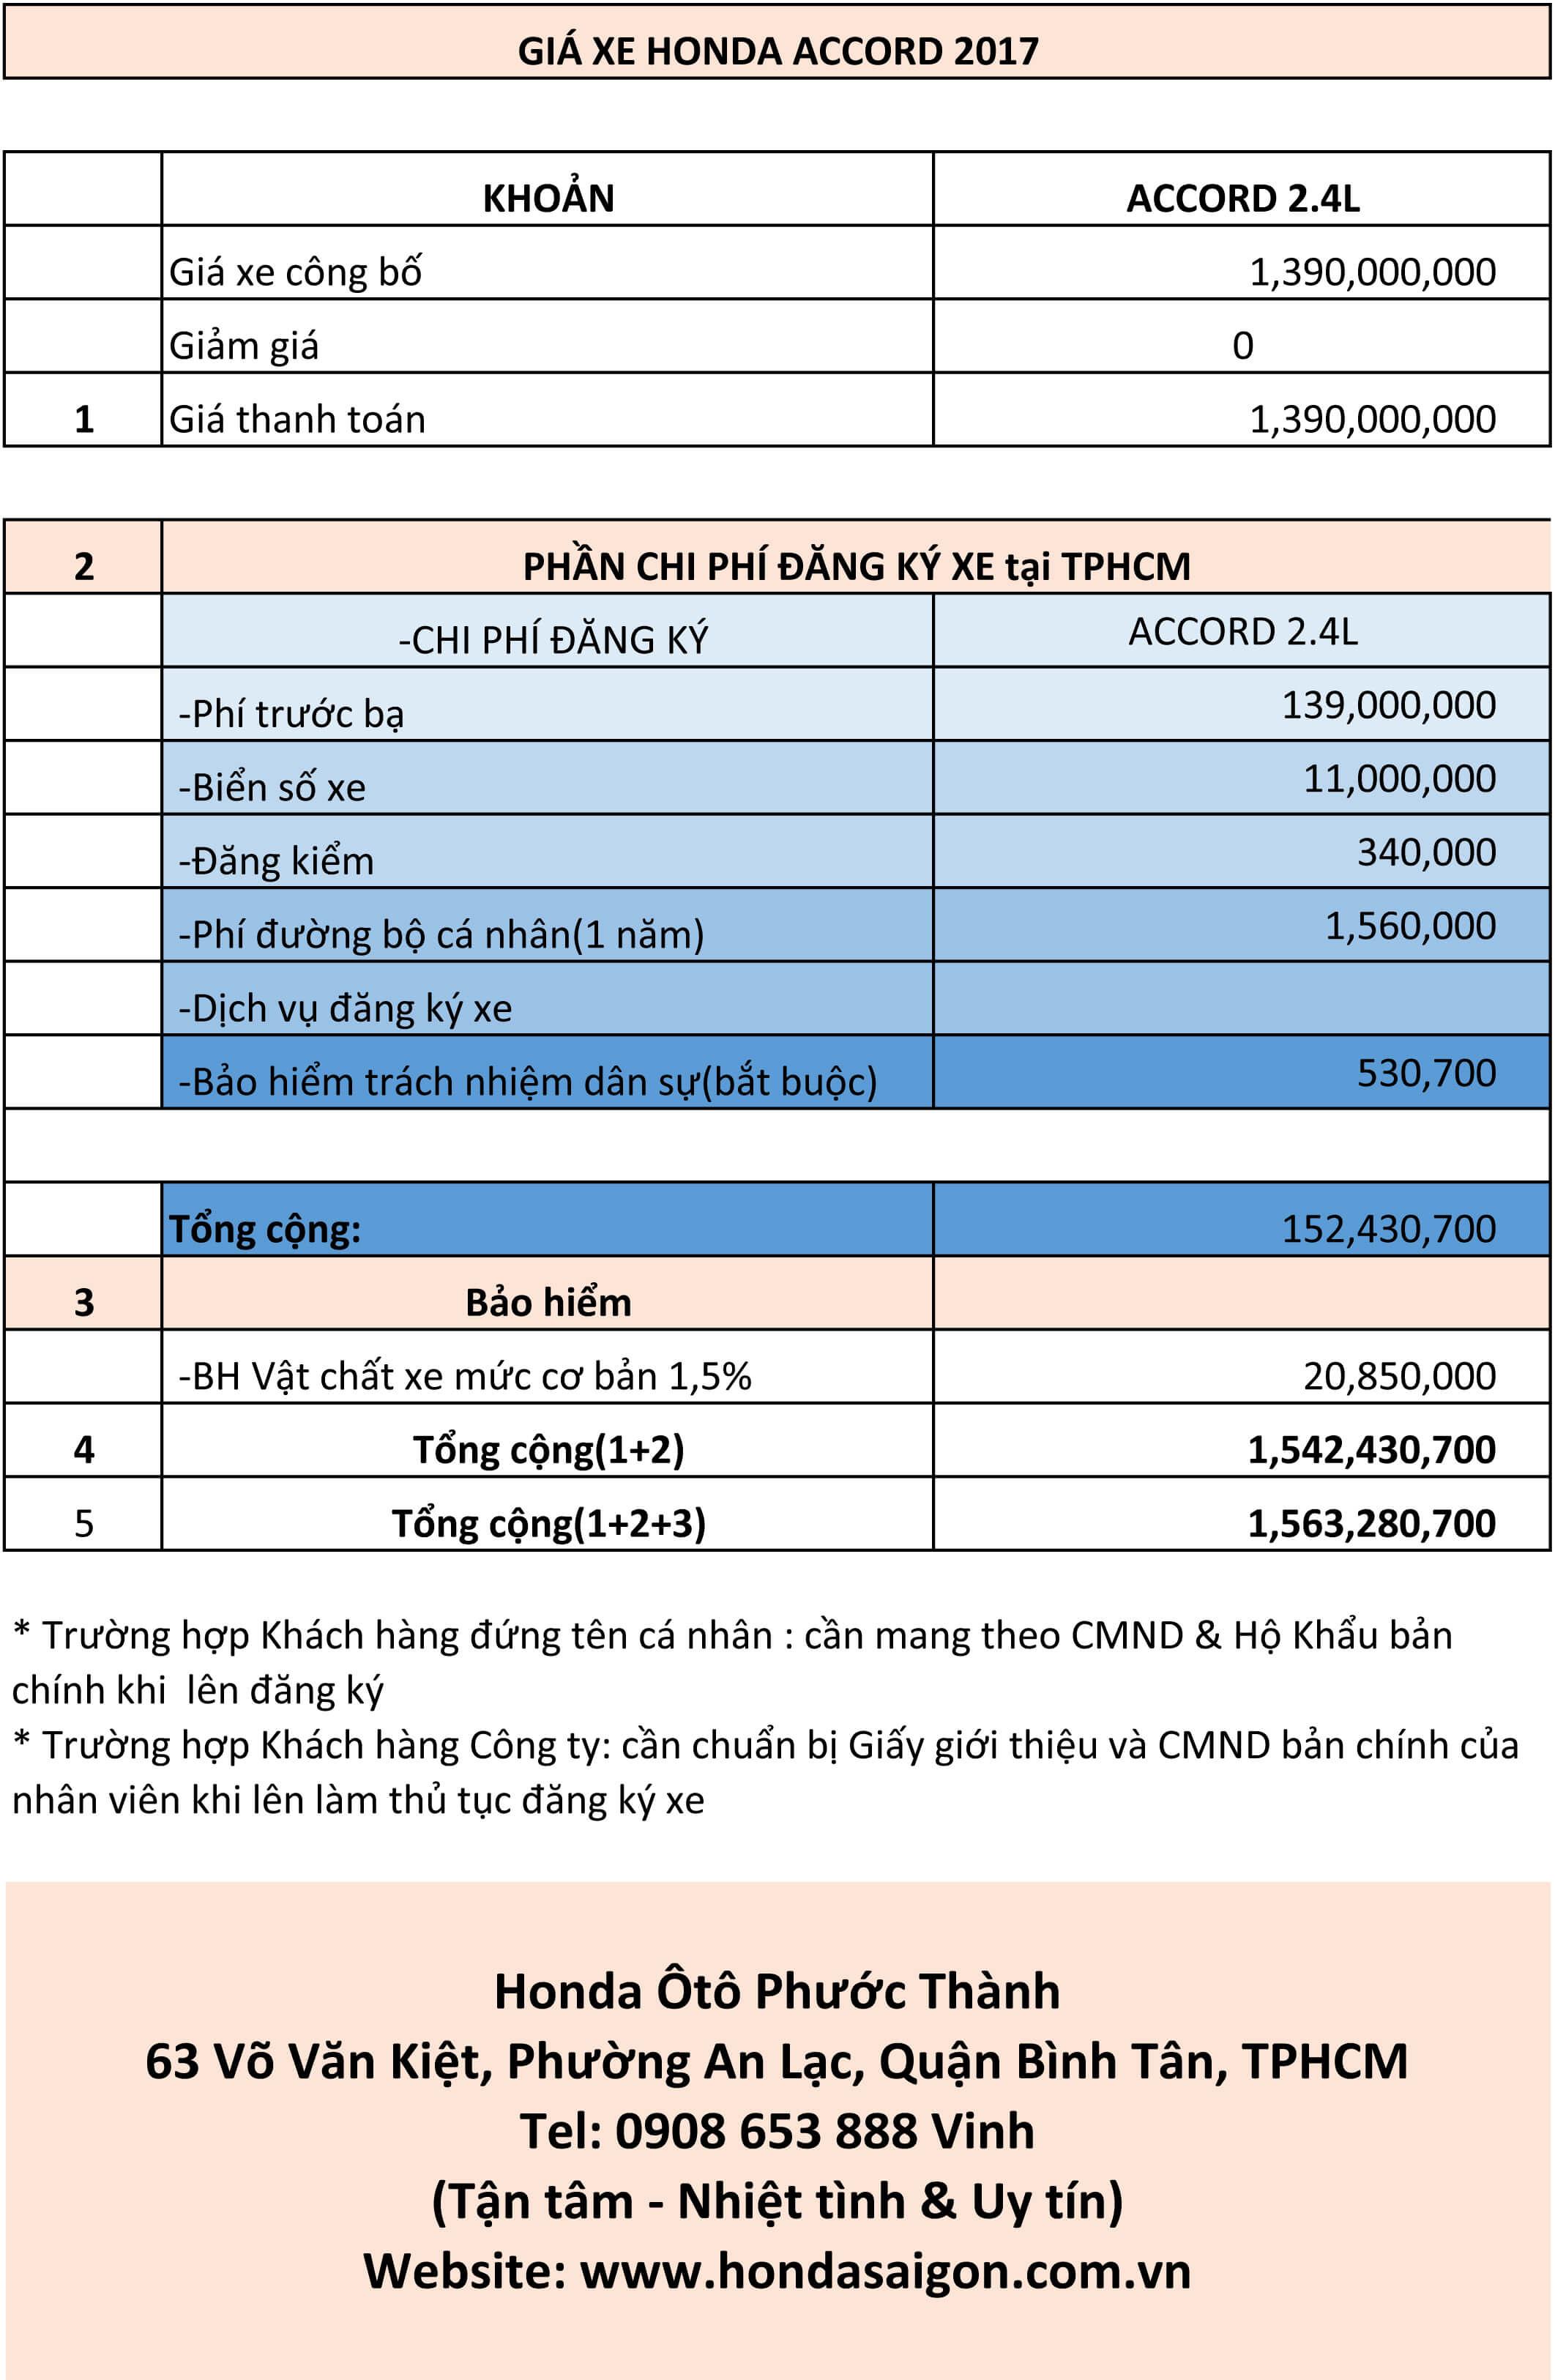 Bảng tạm tính chi phí đăng ký xe Honda Accord 2017 tại Sài Gòn